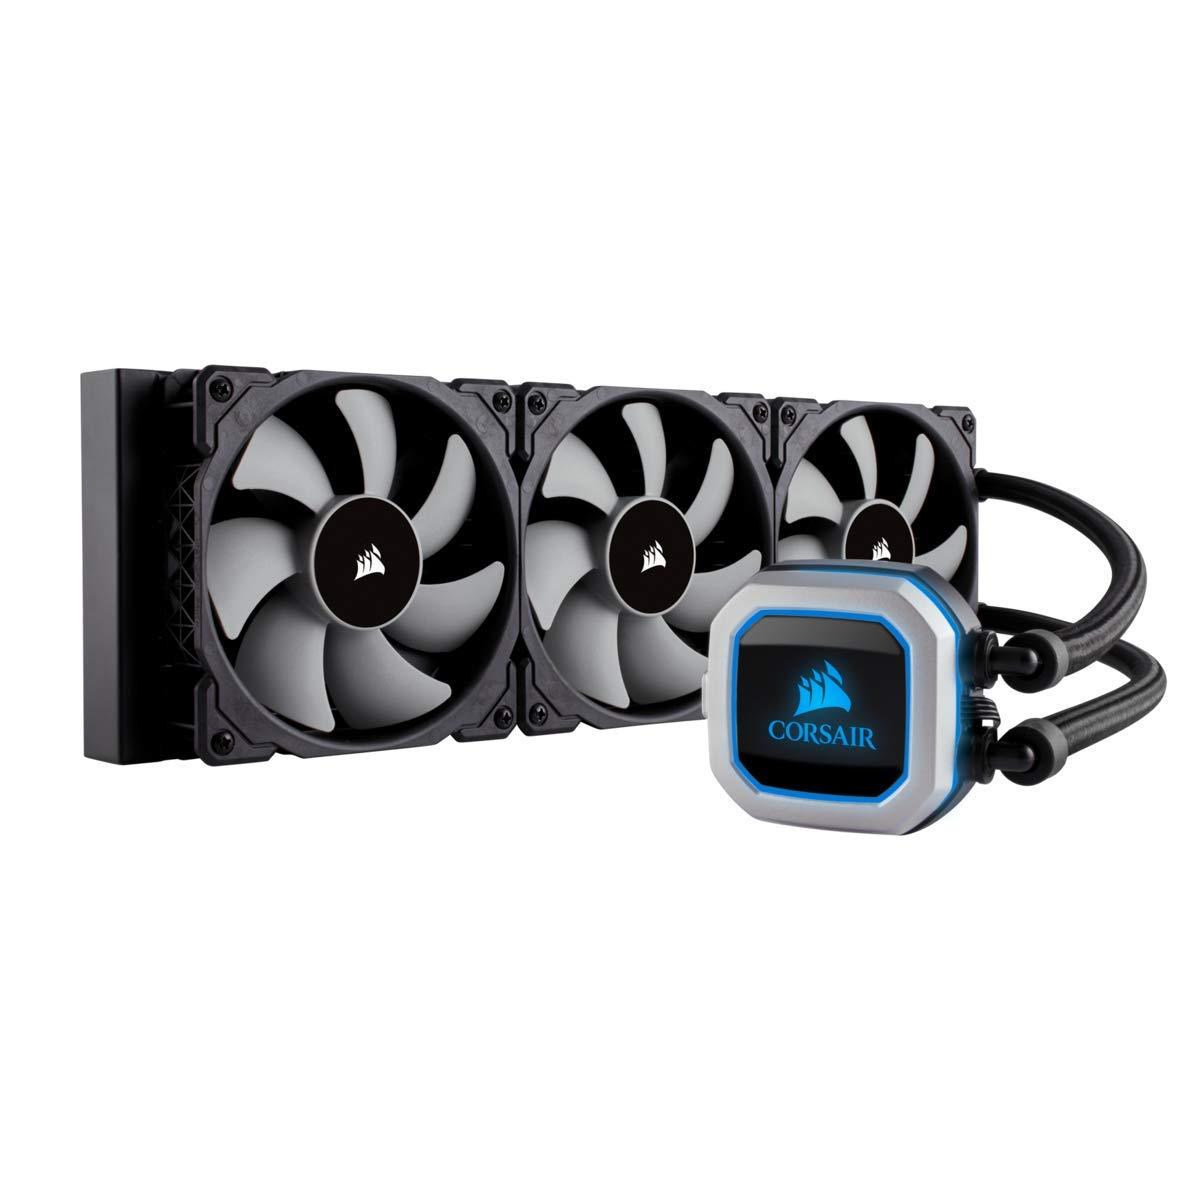 Corsair Hydro Series H150i PRO RGB AIO Liquid CPU Cooler,360mm,Triple ML120  PWM Fans, Intel 115x/2066, AMD AM4